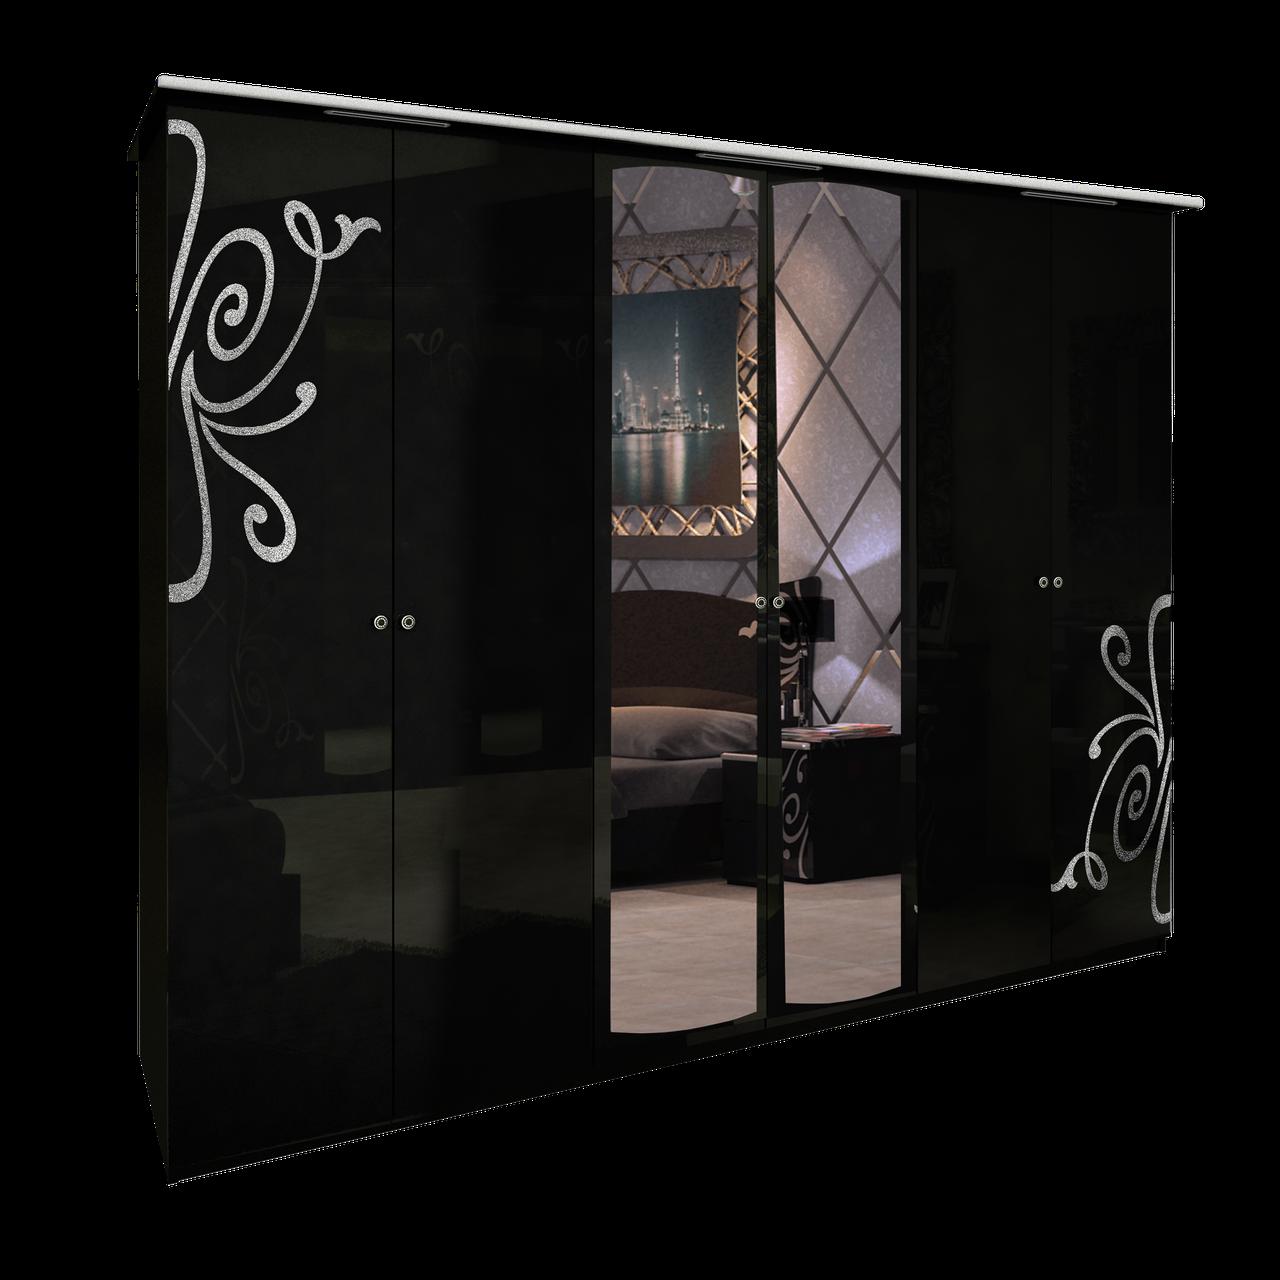 Шафа (шкаф) з ДСП/МДФ в спальню/вітальню/дитячу Богема 6Д чорний Миро-Марк